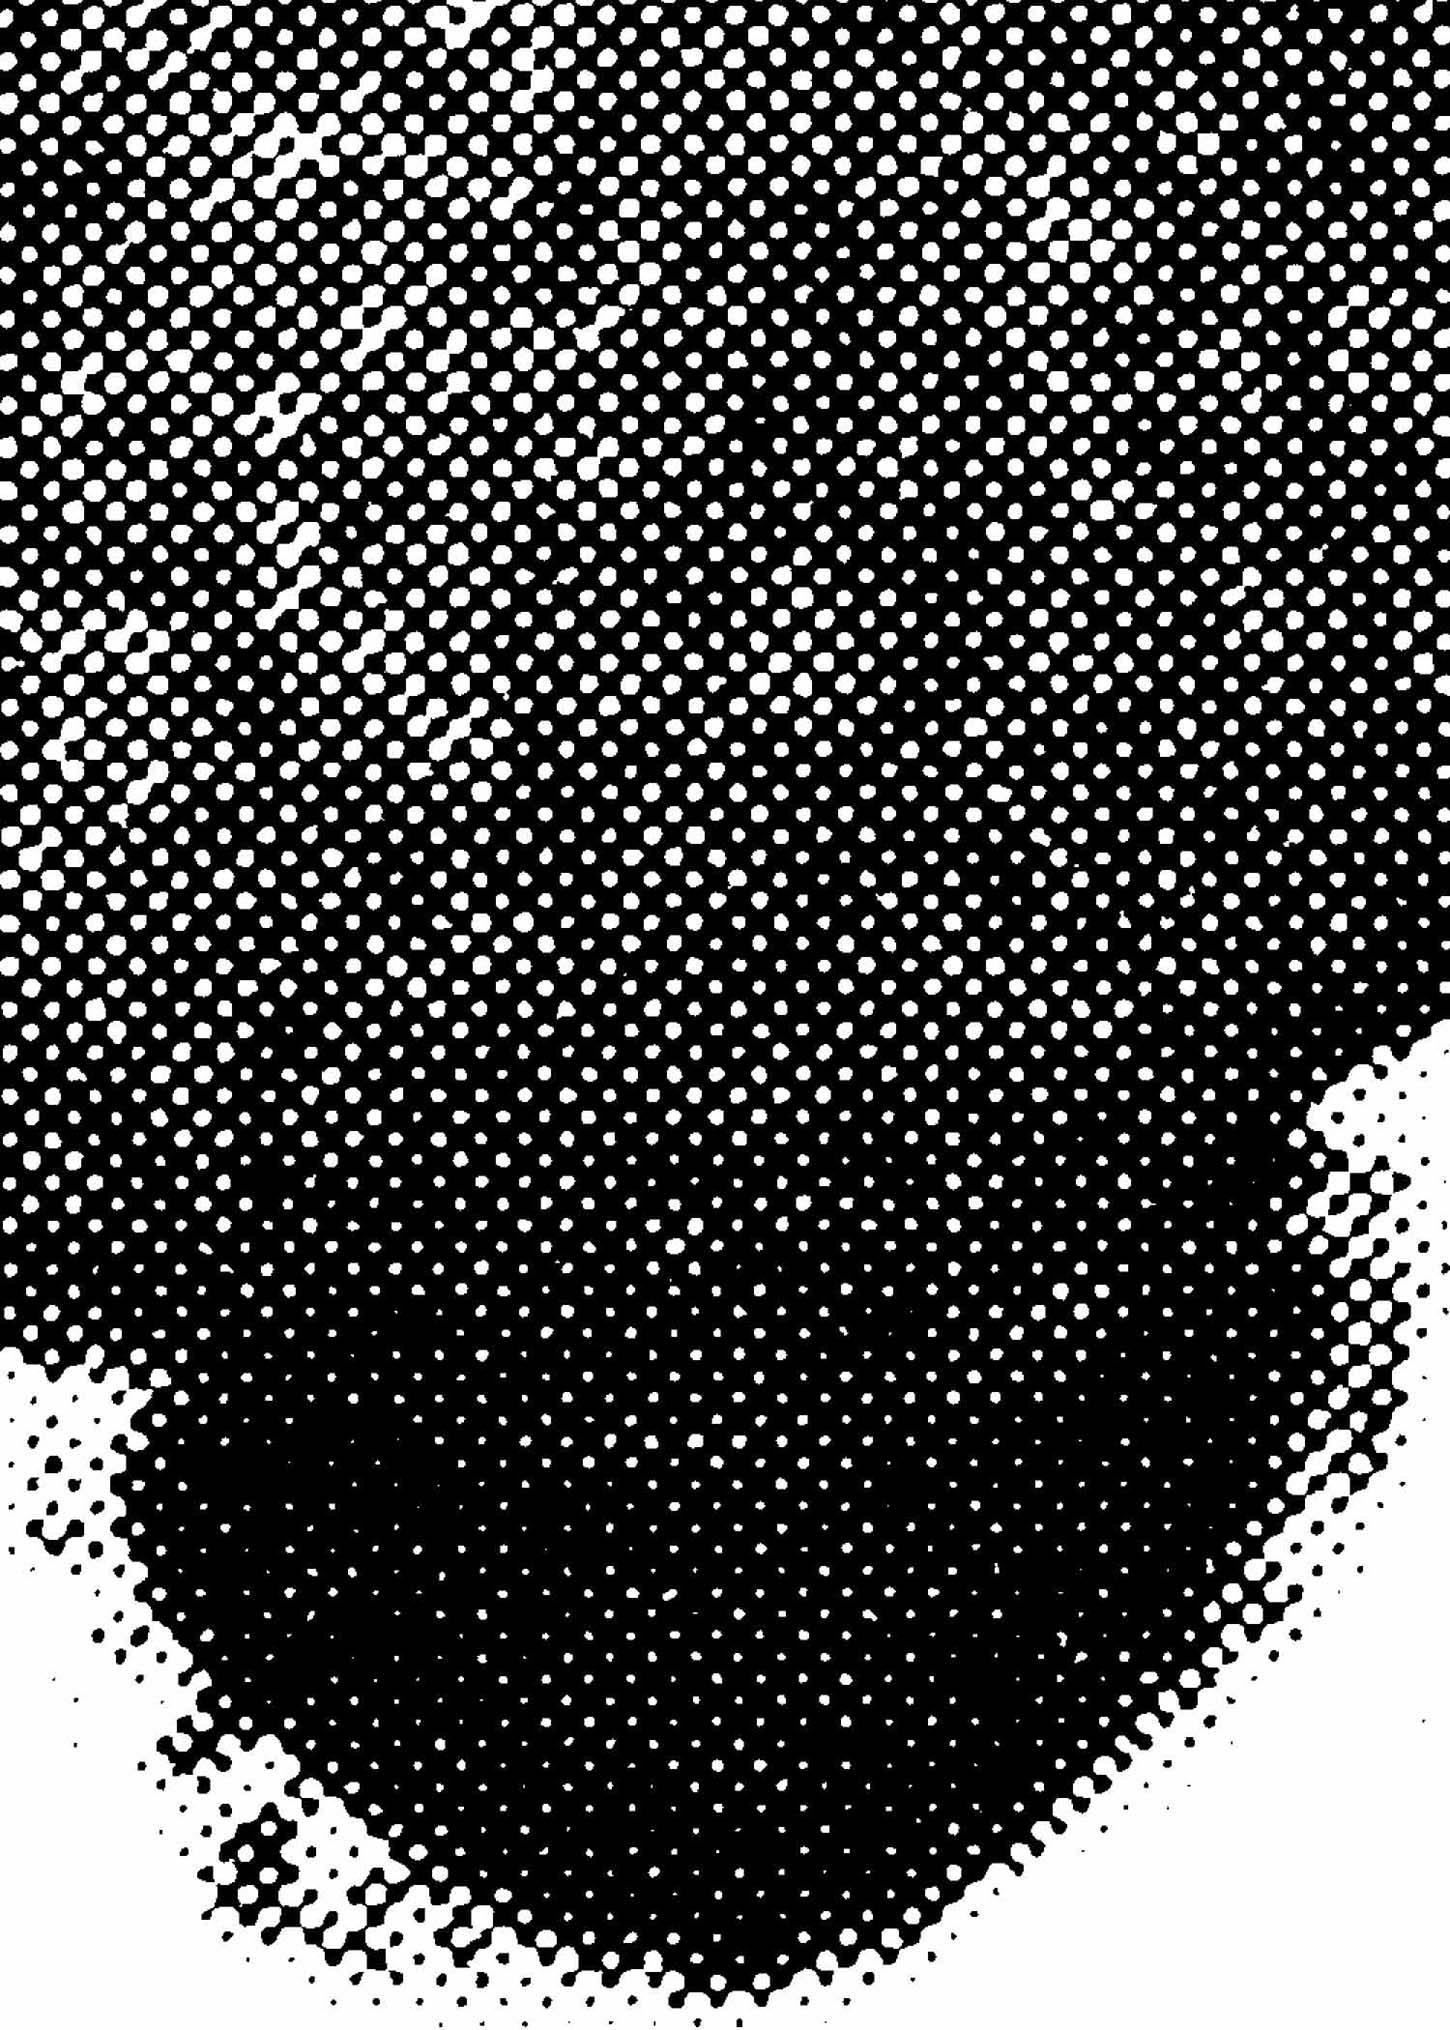 isabelle Giovacchini, Sérigraphie, 70x50cm, 50 ex/brut de Centaure 300g. Disponible